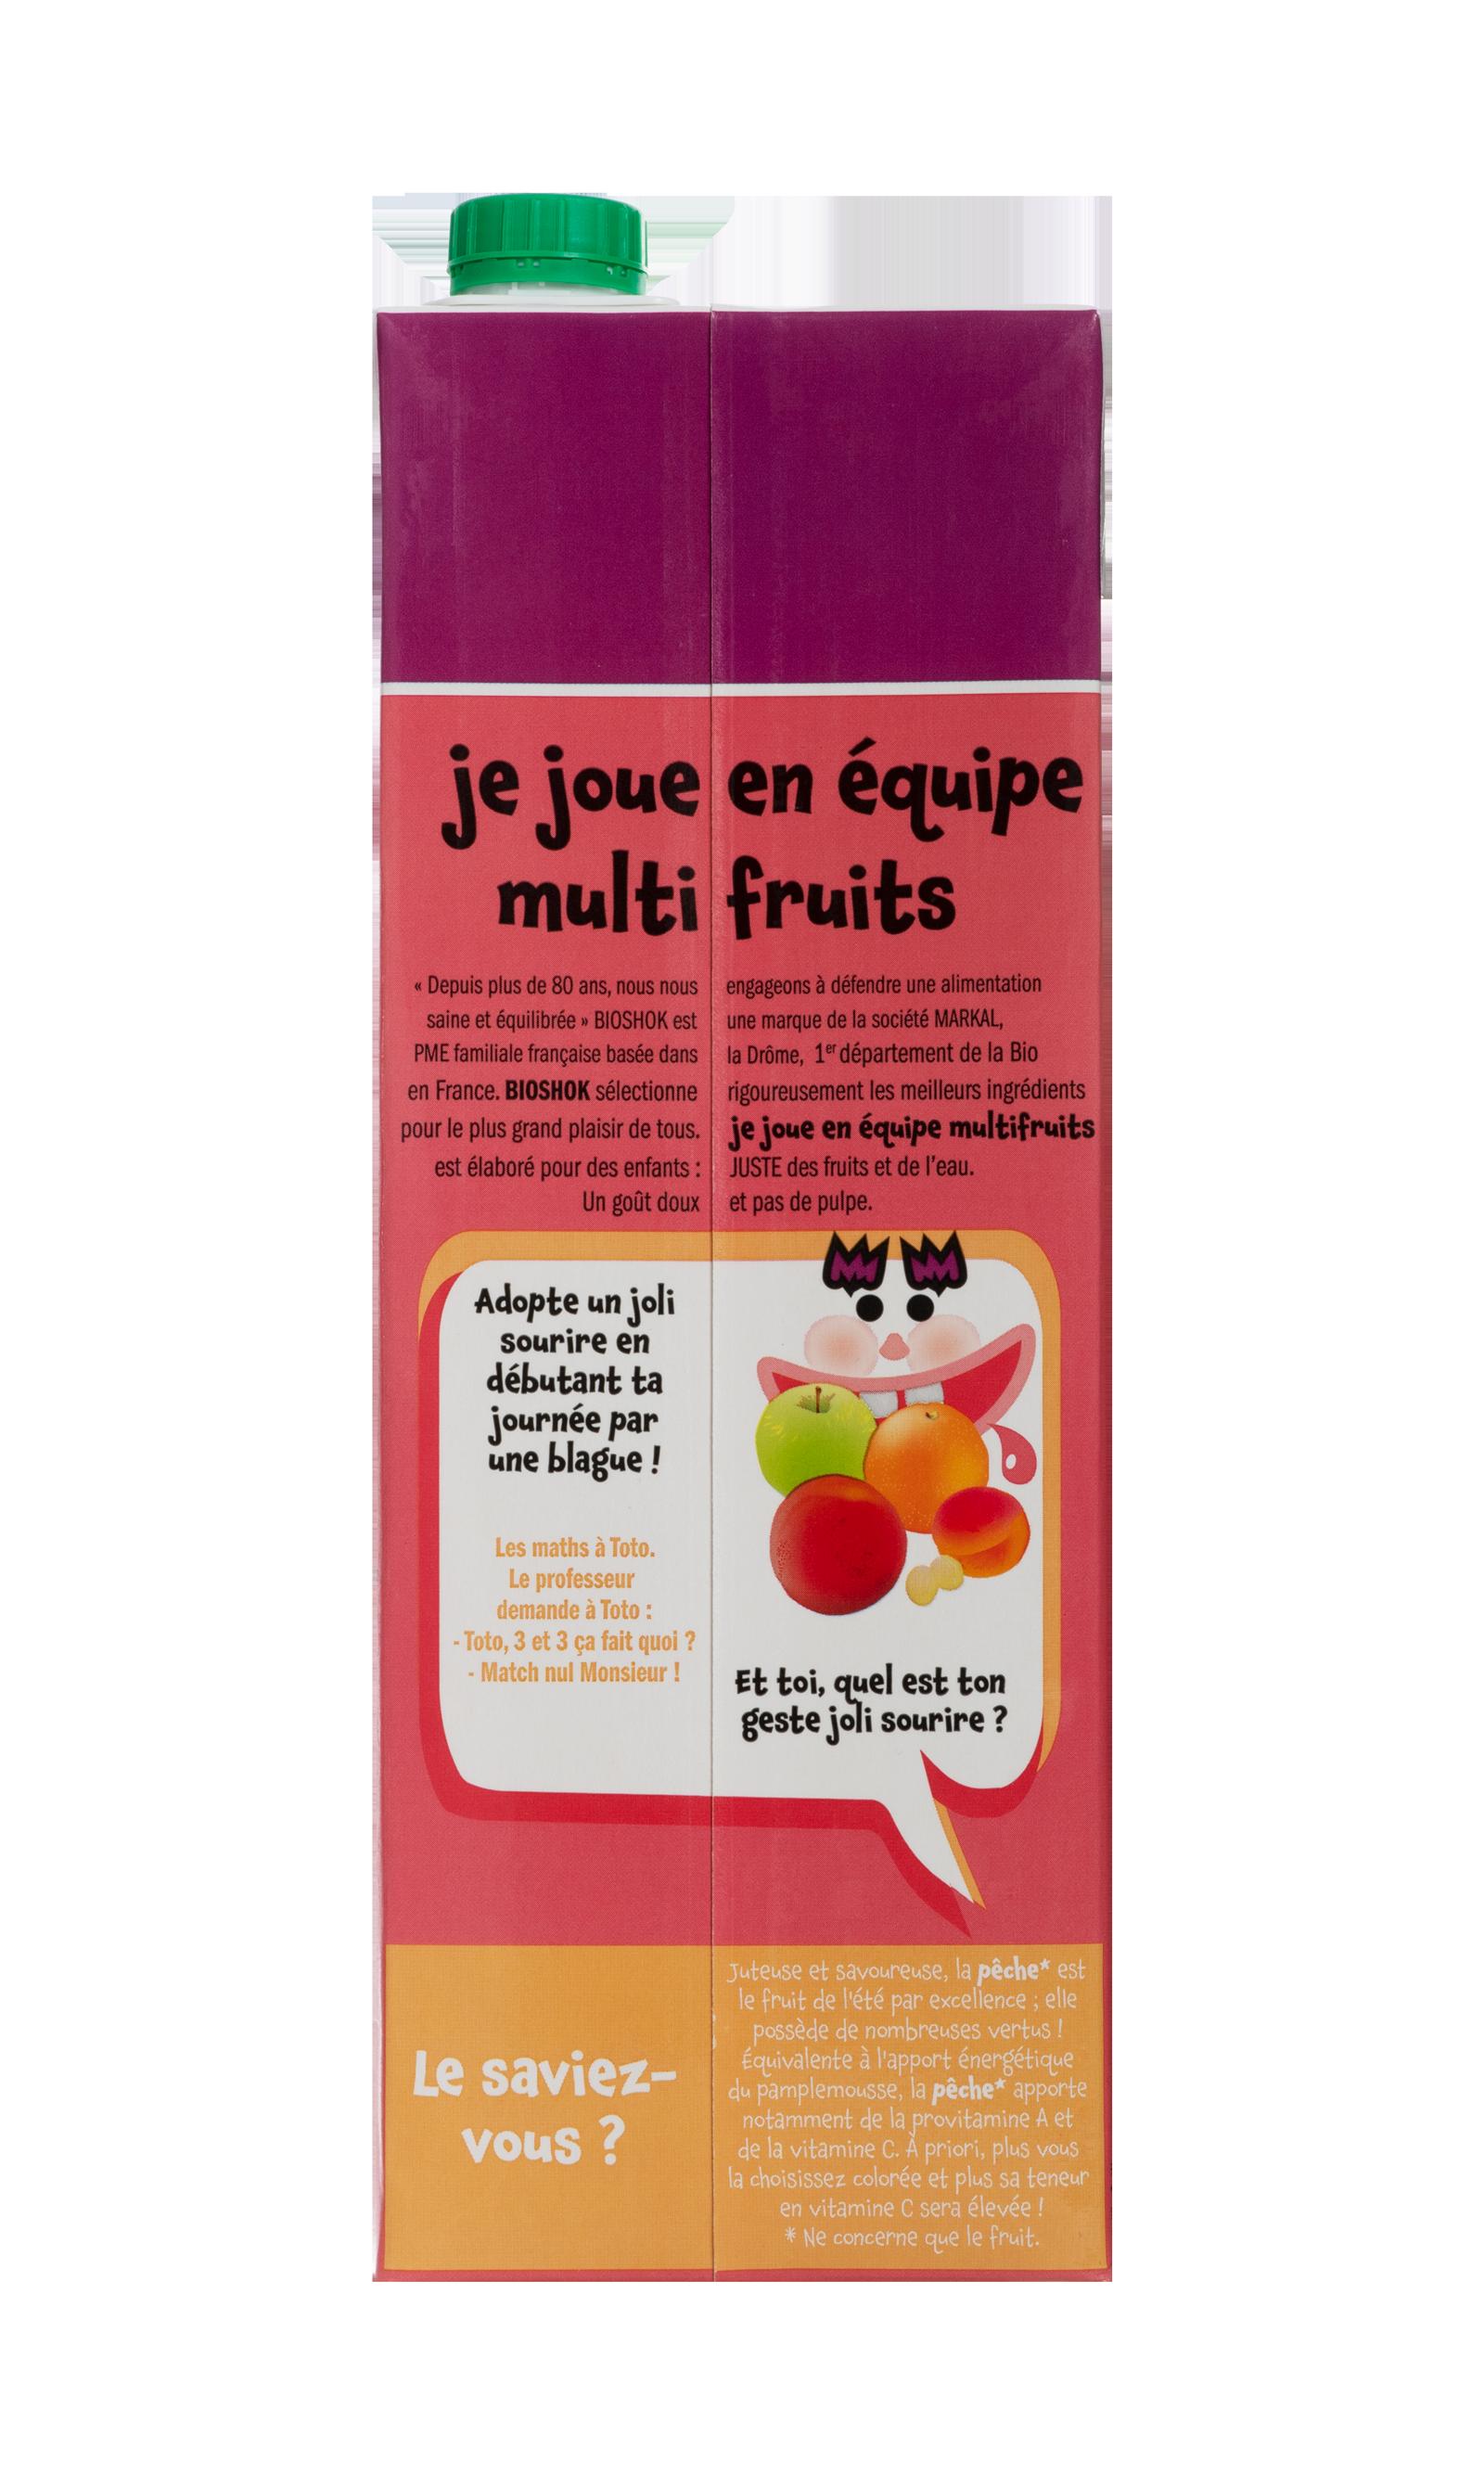 Nectar - Je joue en équipe multi-fruits !